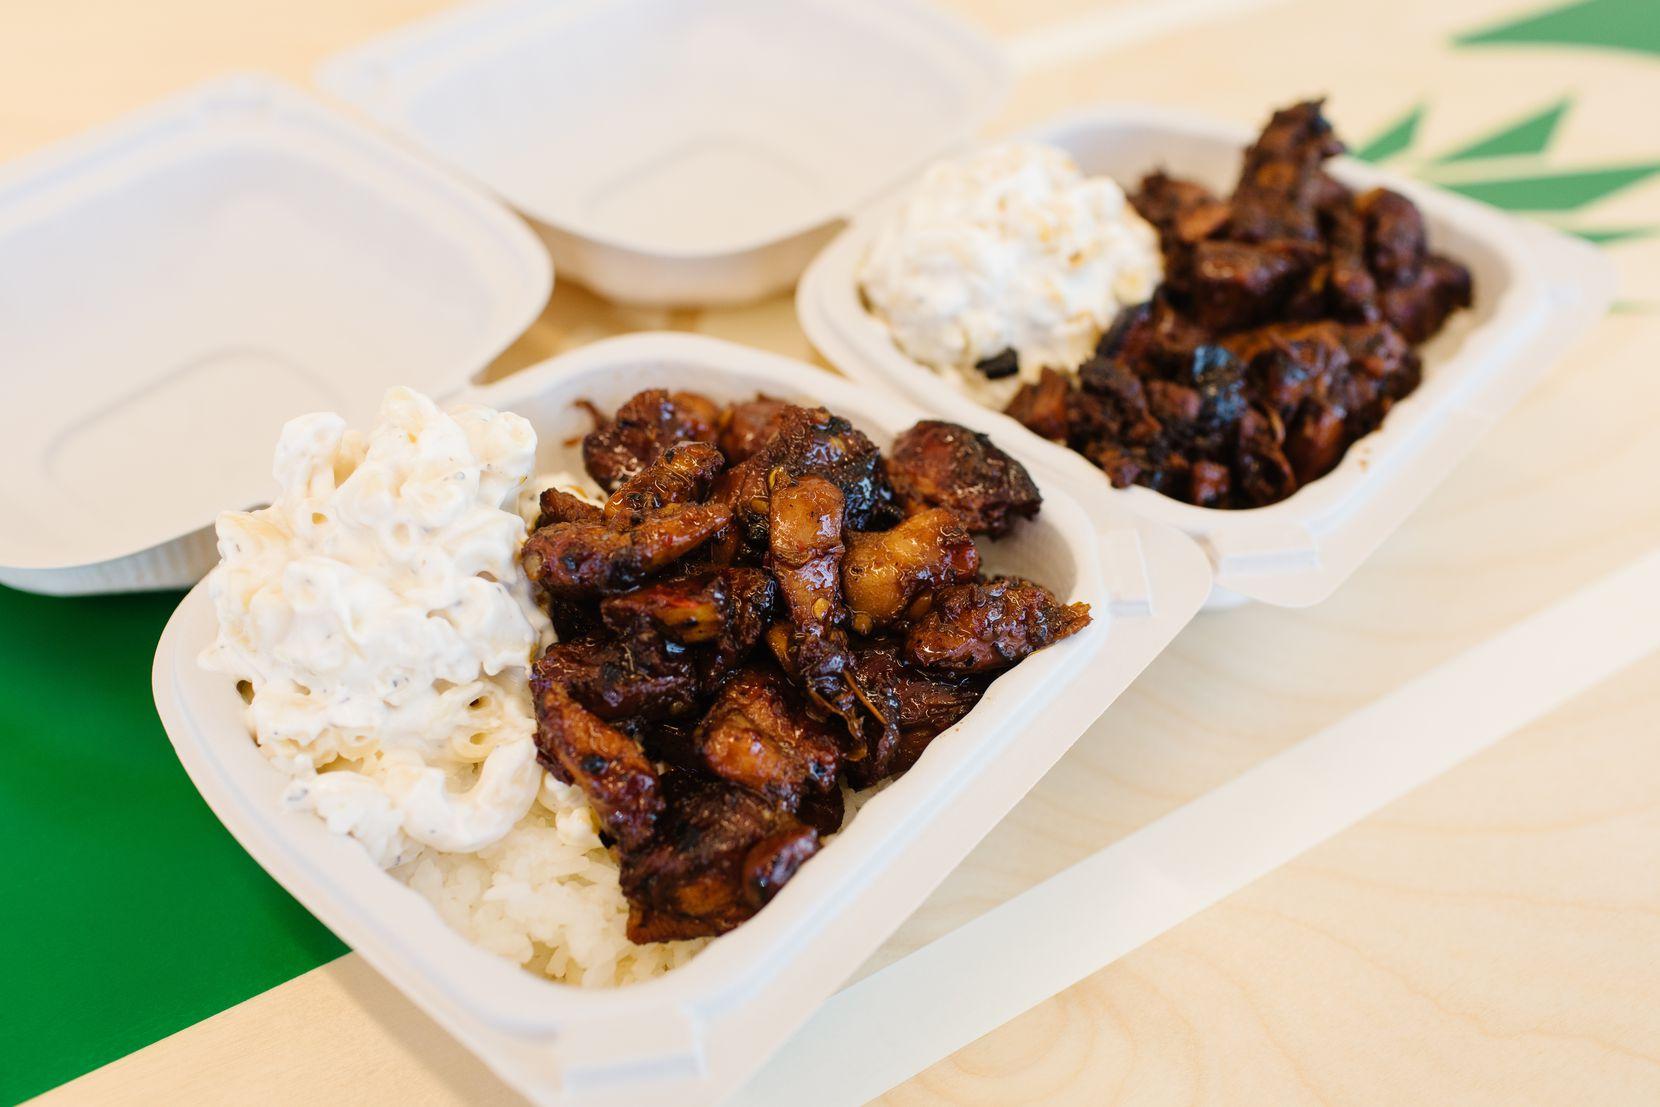 Hawaiian Bros Island Grill is opening in Garland.